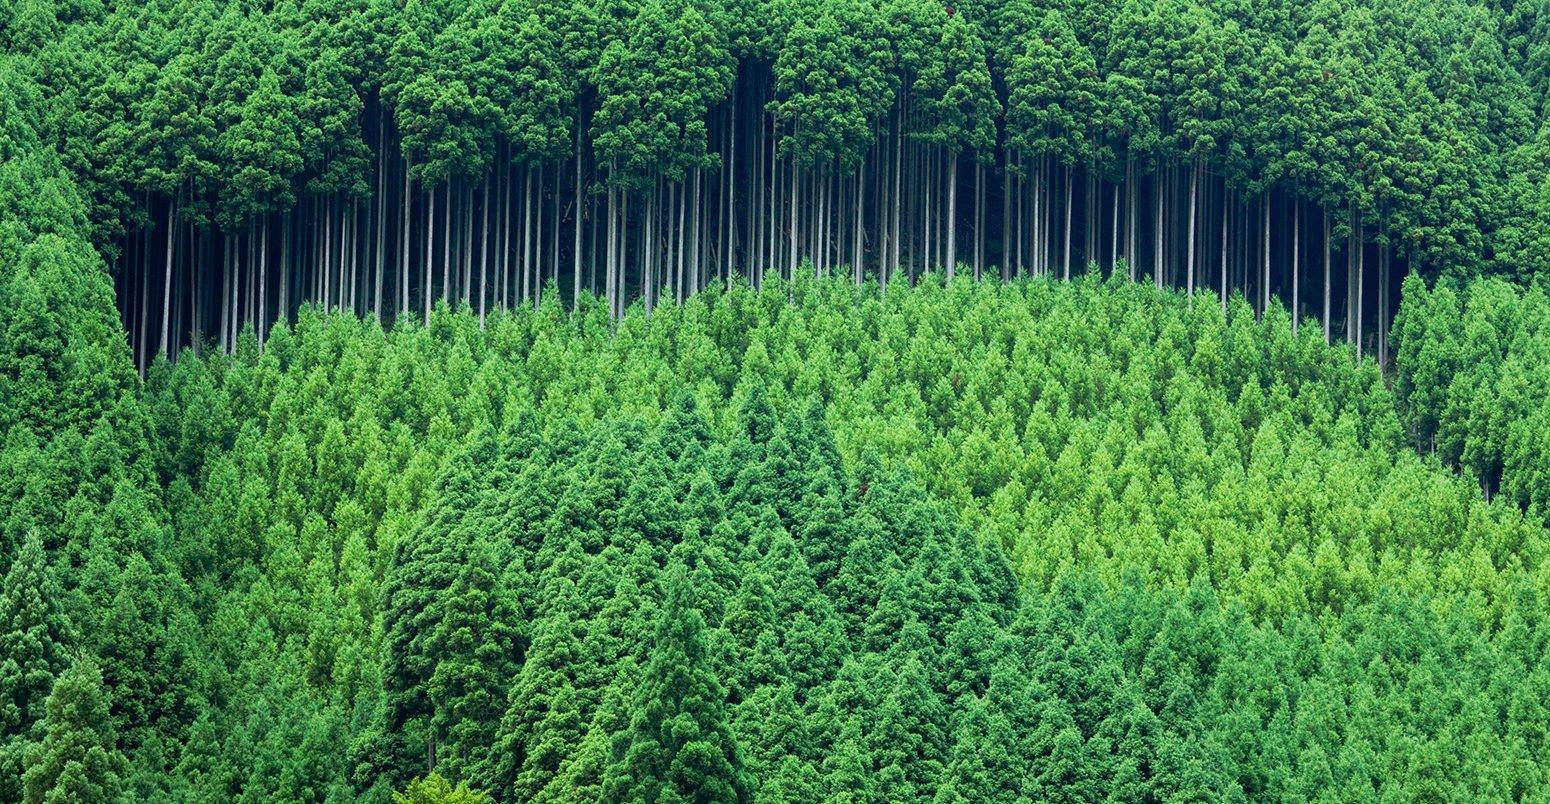 Trồng cây là hành động thiết thực bảo vệ rừng xanh và môi trường (ảnh: internet).